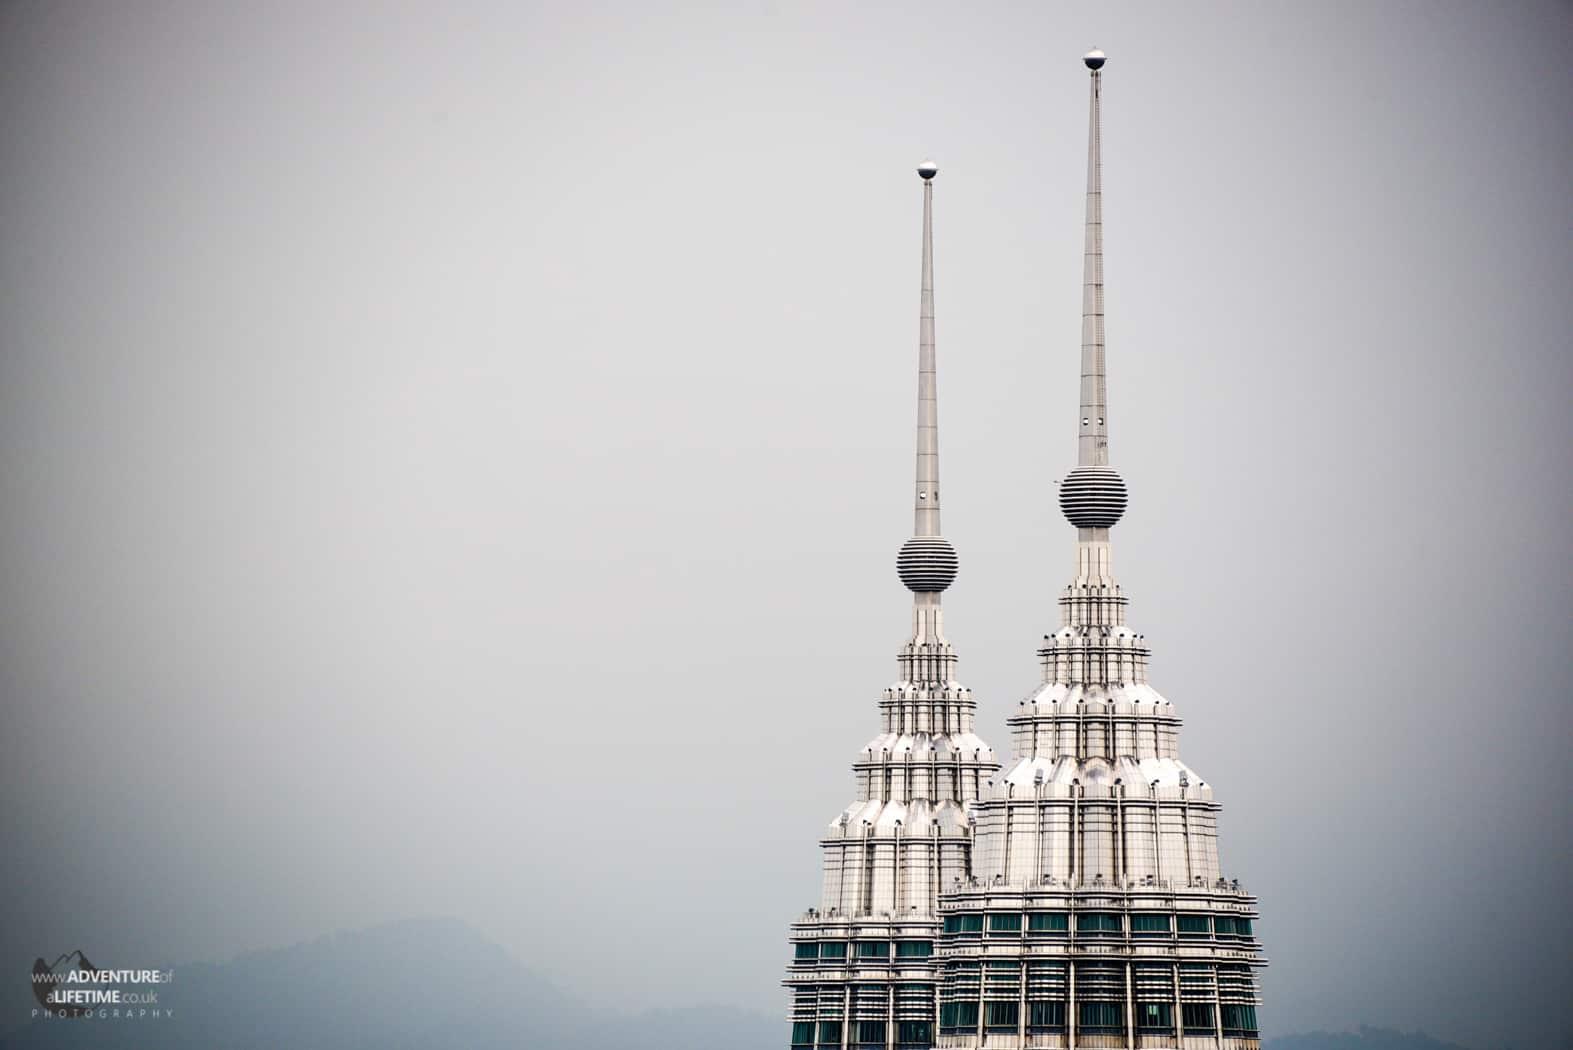 Top of the Petronas Towers in Kuala Lumpur